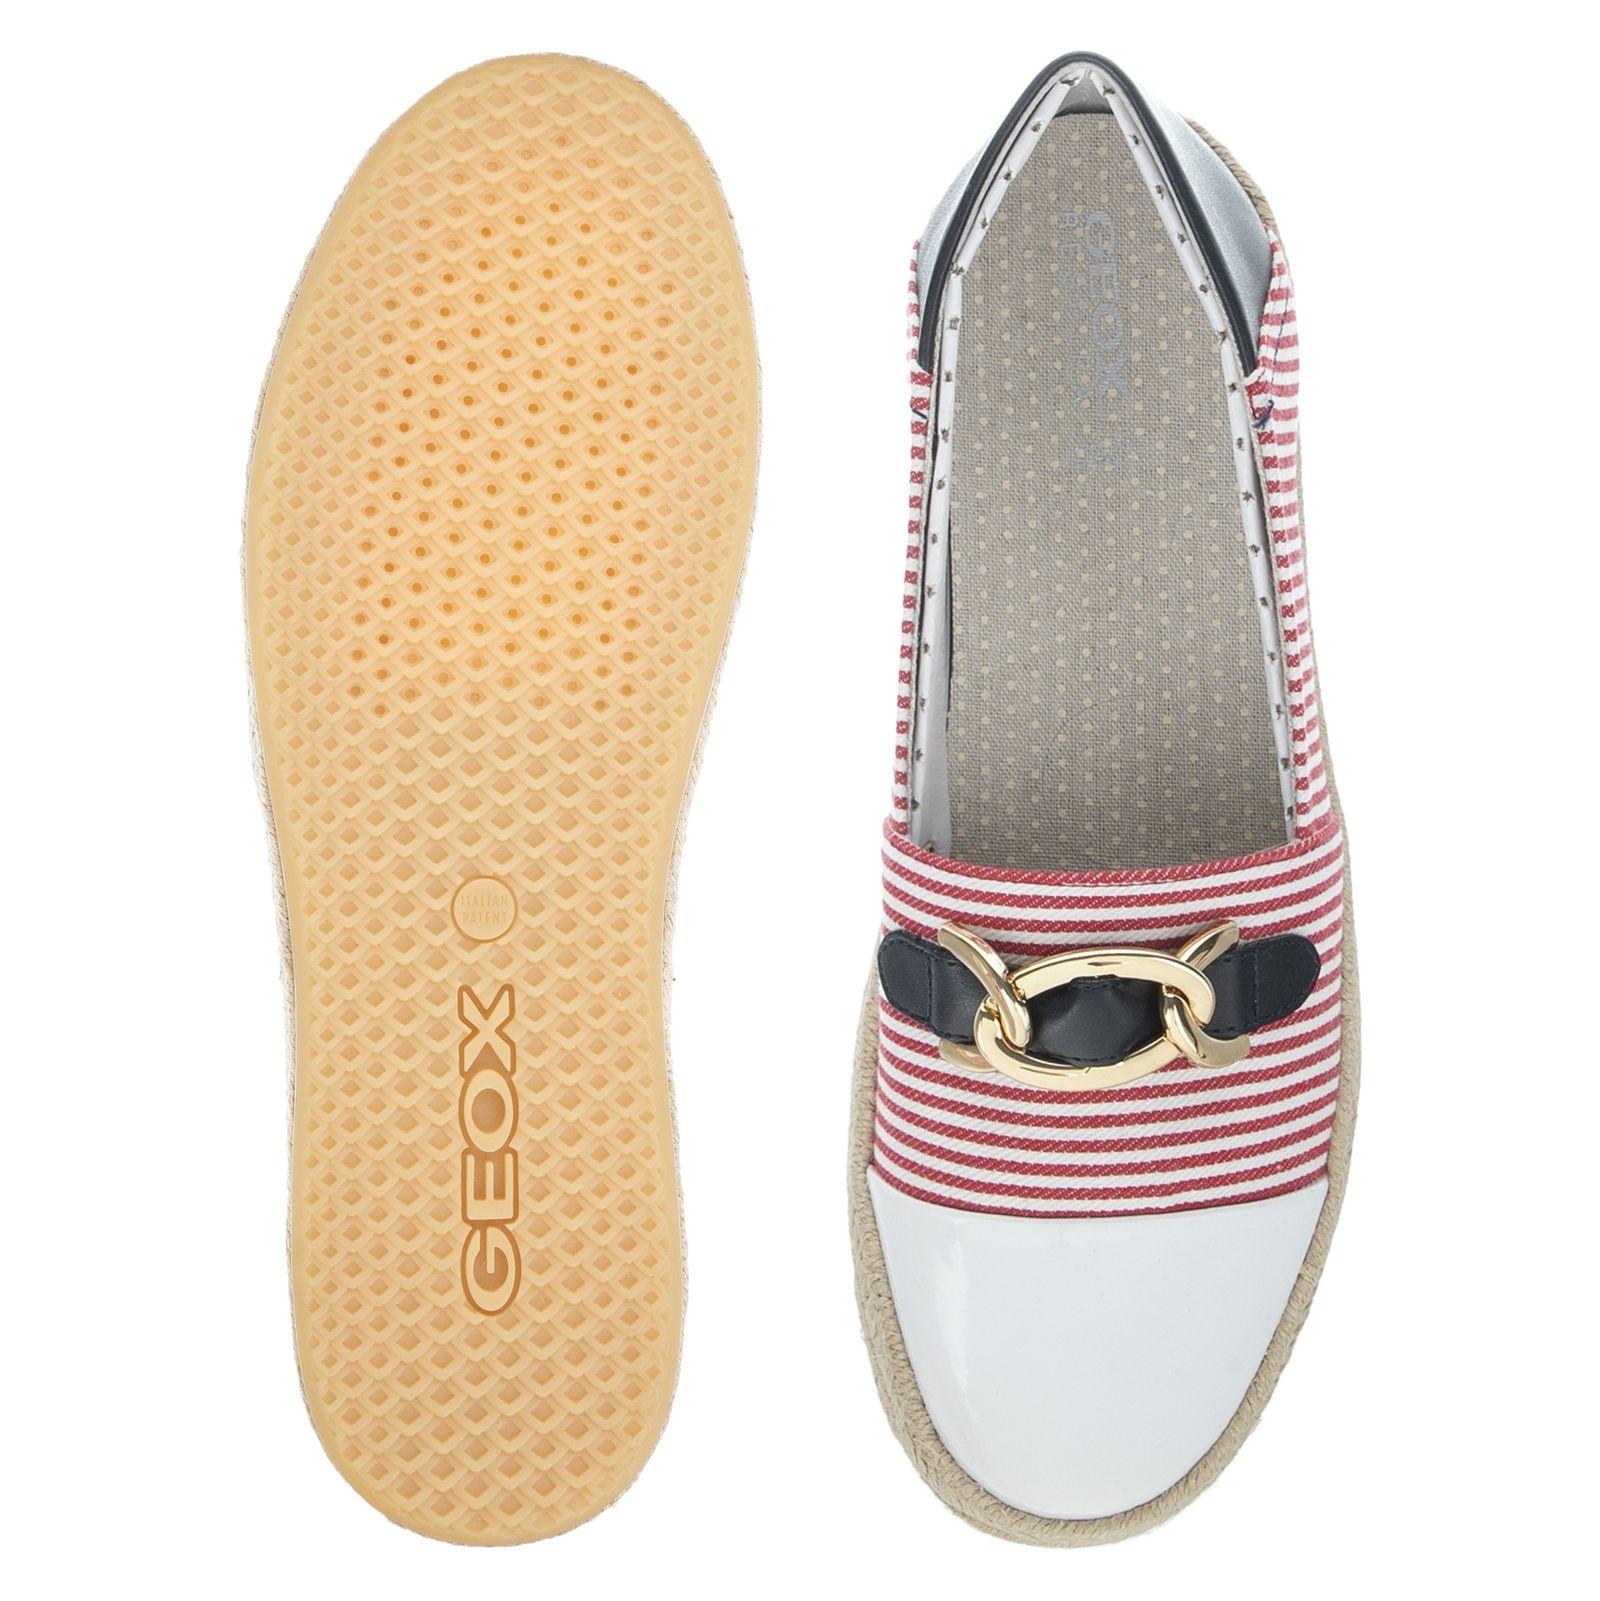 کفش زنانه جی اوکس مدل D8229E-0AWHH-C0003 - قرمز سفید - 5